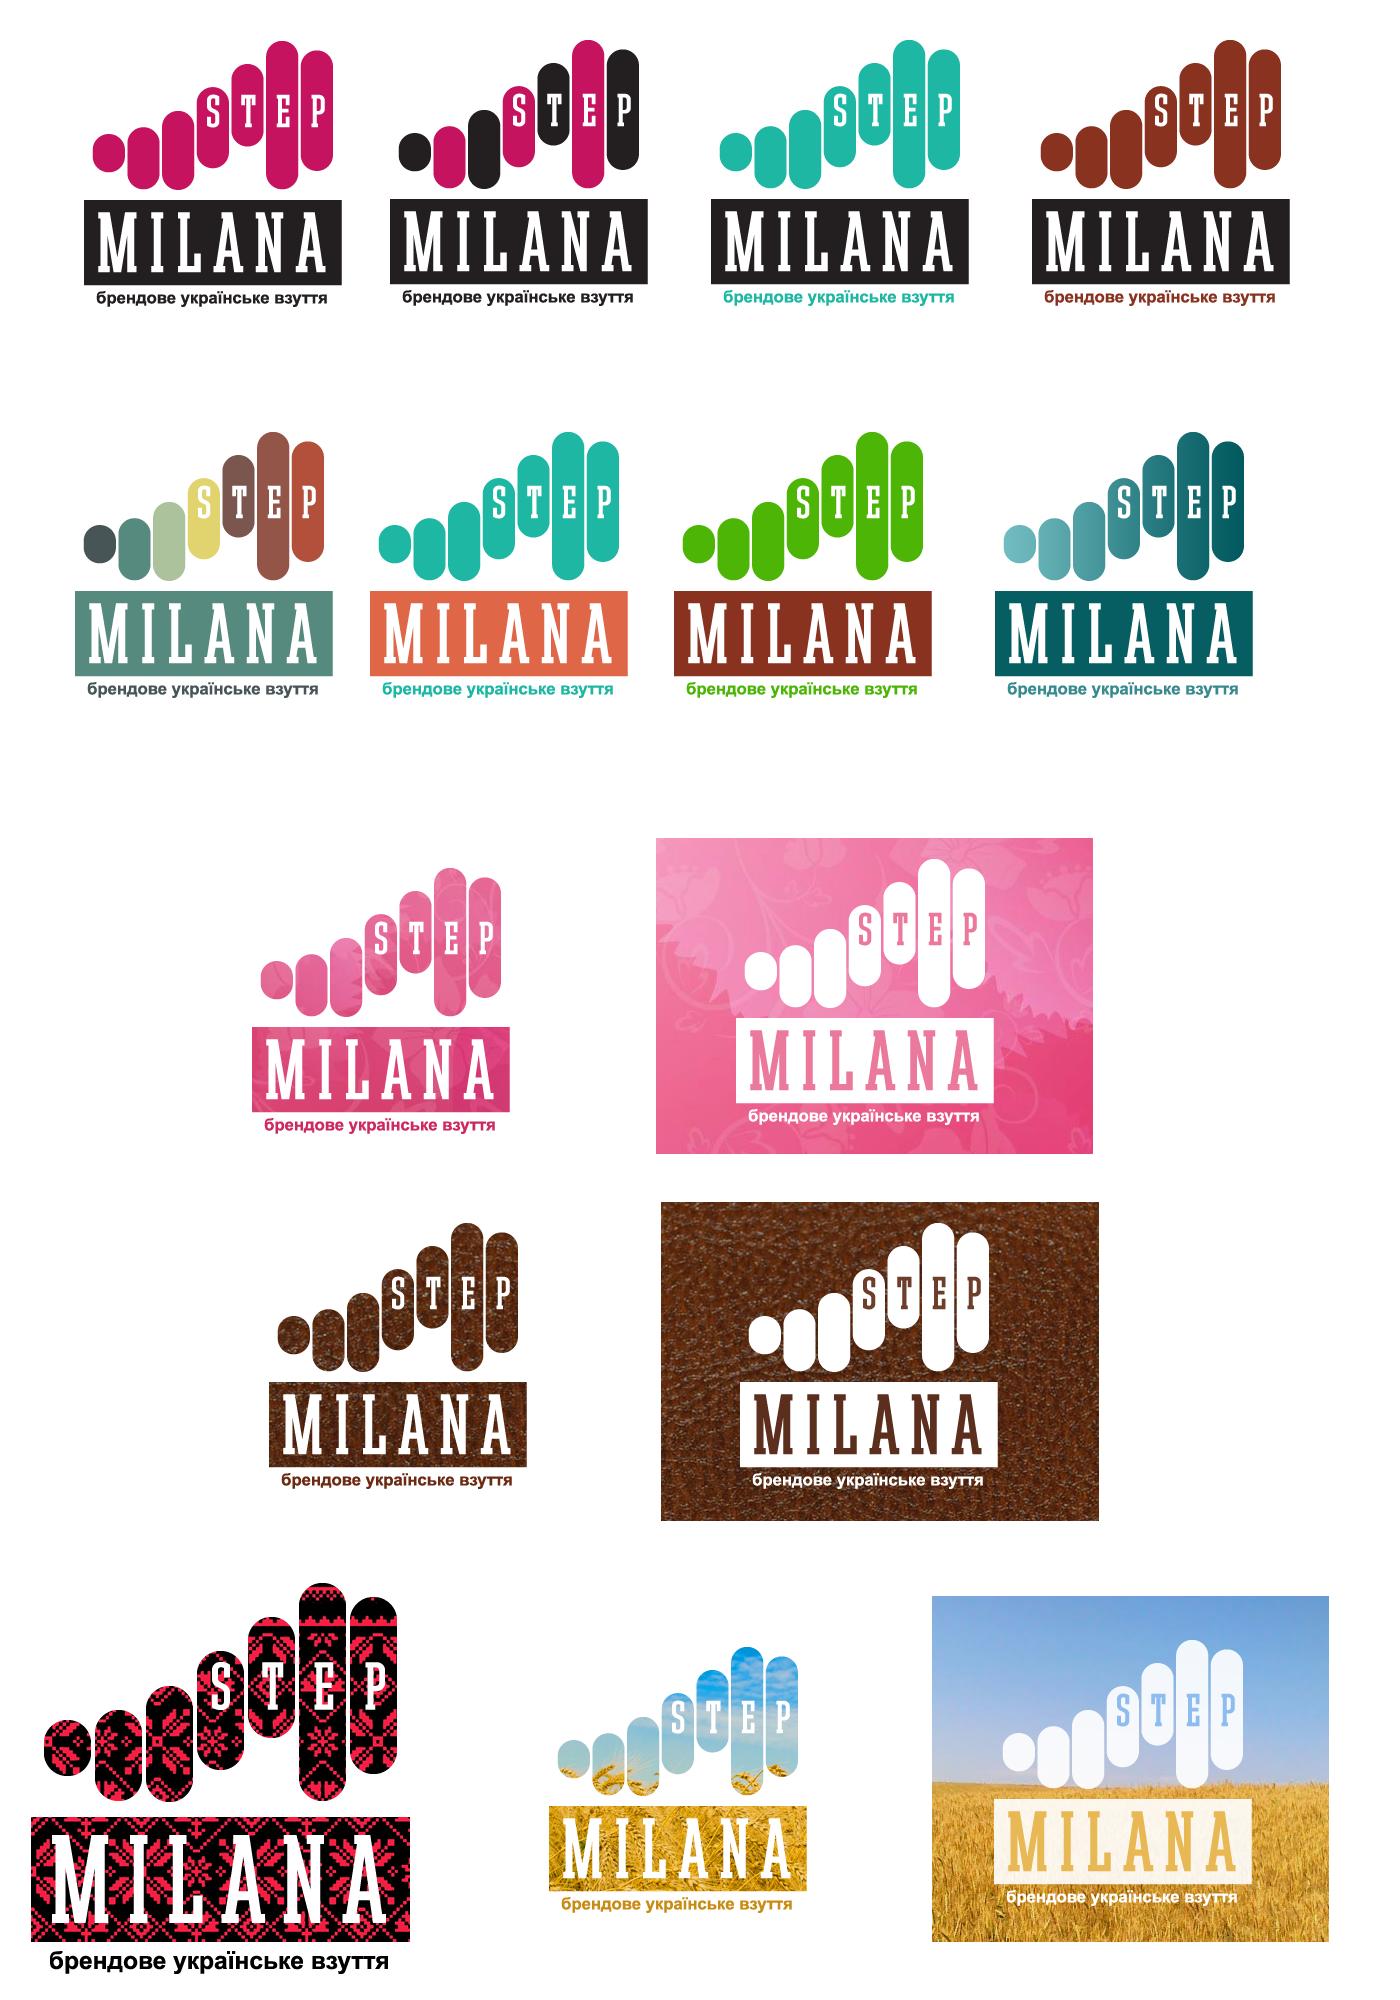 b3a4c6106c0 Создание логотипа для бренда украинской обуви MilanaStep | Galanix